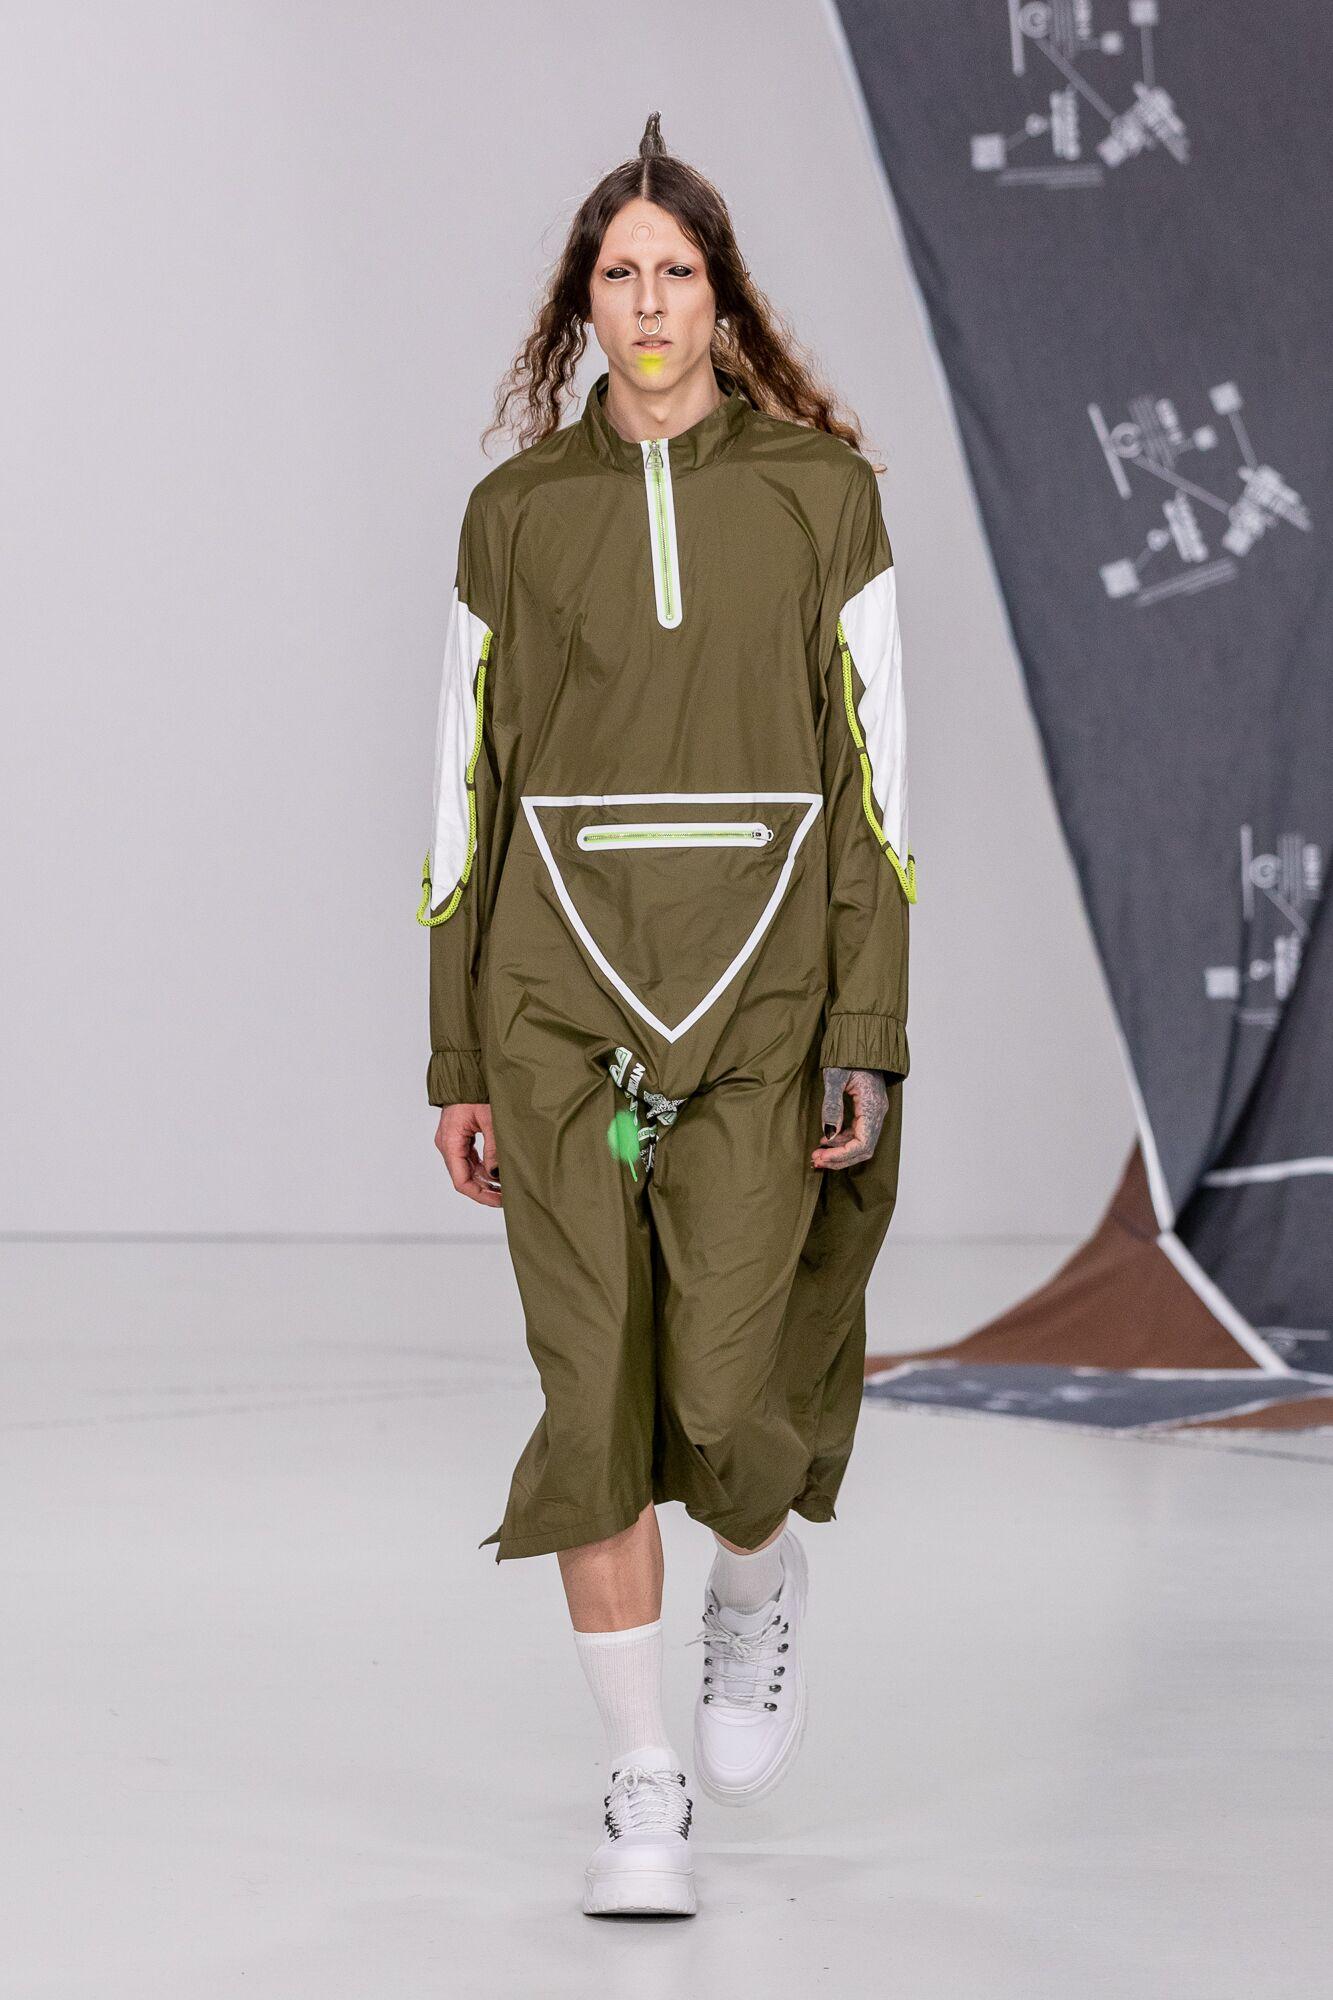 Db berdan aw20 during london fashion week (1)